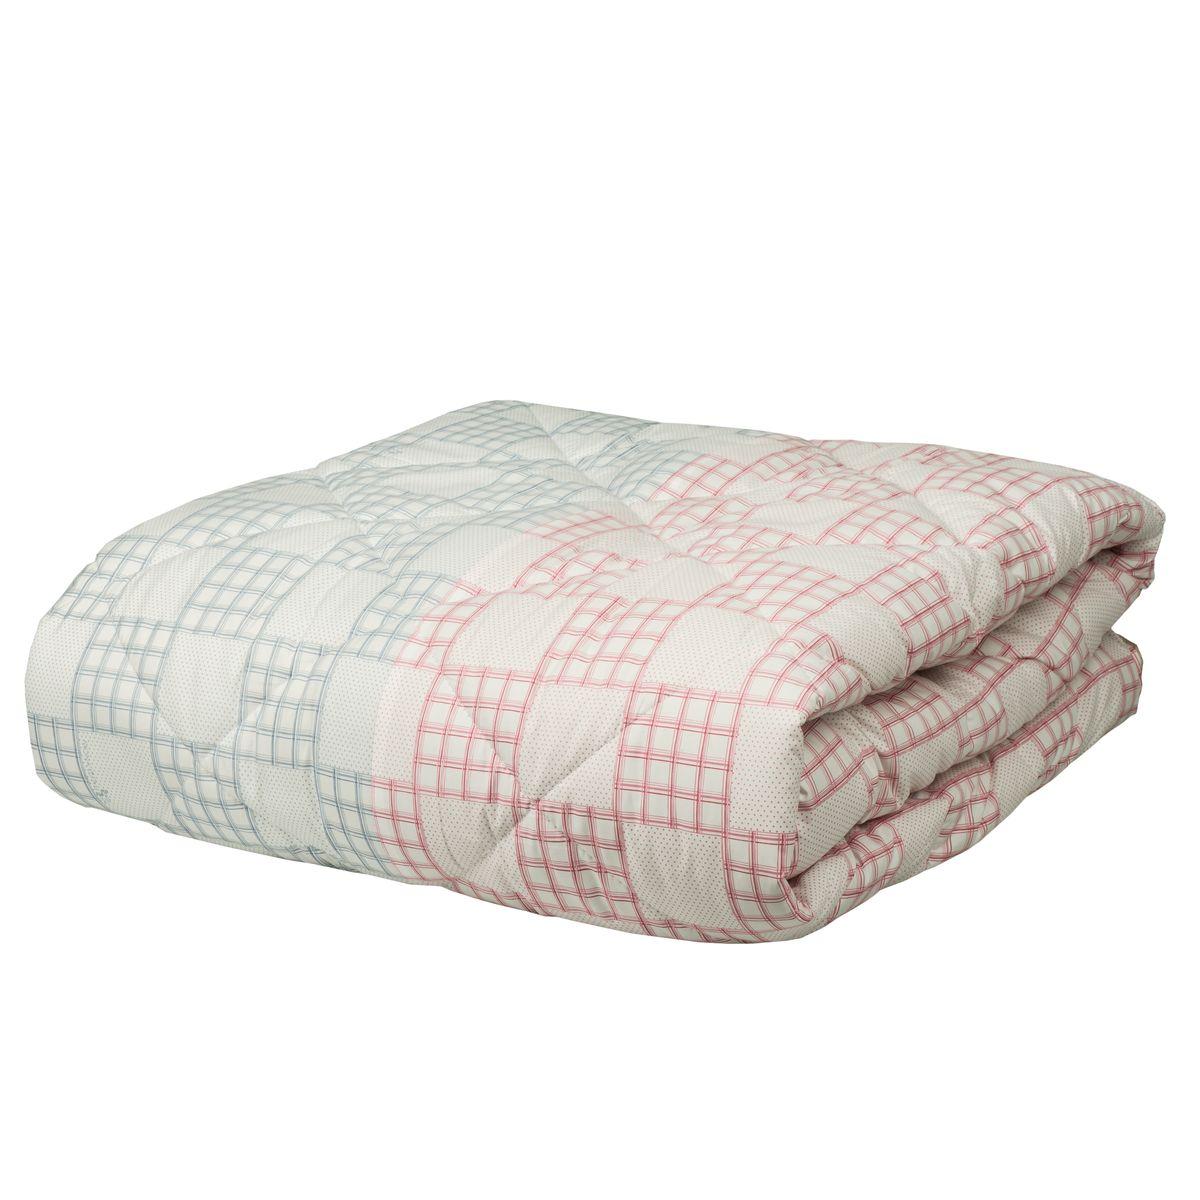 Одеяло Mona Liza Chalet Climat Control, цвет: серый, розовый, 170 х 200 см96281375Одеяло Mona Liza Chalet Climat Control изготовлено из плотного тика, с отделочным кантом. Одновременно имеет две зоны температурного режима, поскольку наполнитель состоит из двух частей: одна половина изделия более теплая, содержит волокна натуральной шерсти, а вторая половина одеяла прохладная - так как наполнена натуральными растительными волокнами. Такое одеяло сделает спальное место уютным иподарит ощущение комфорта.